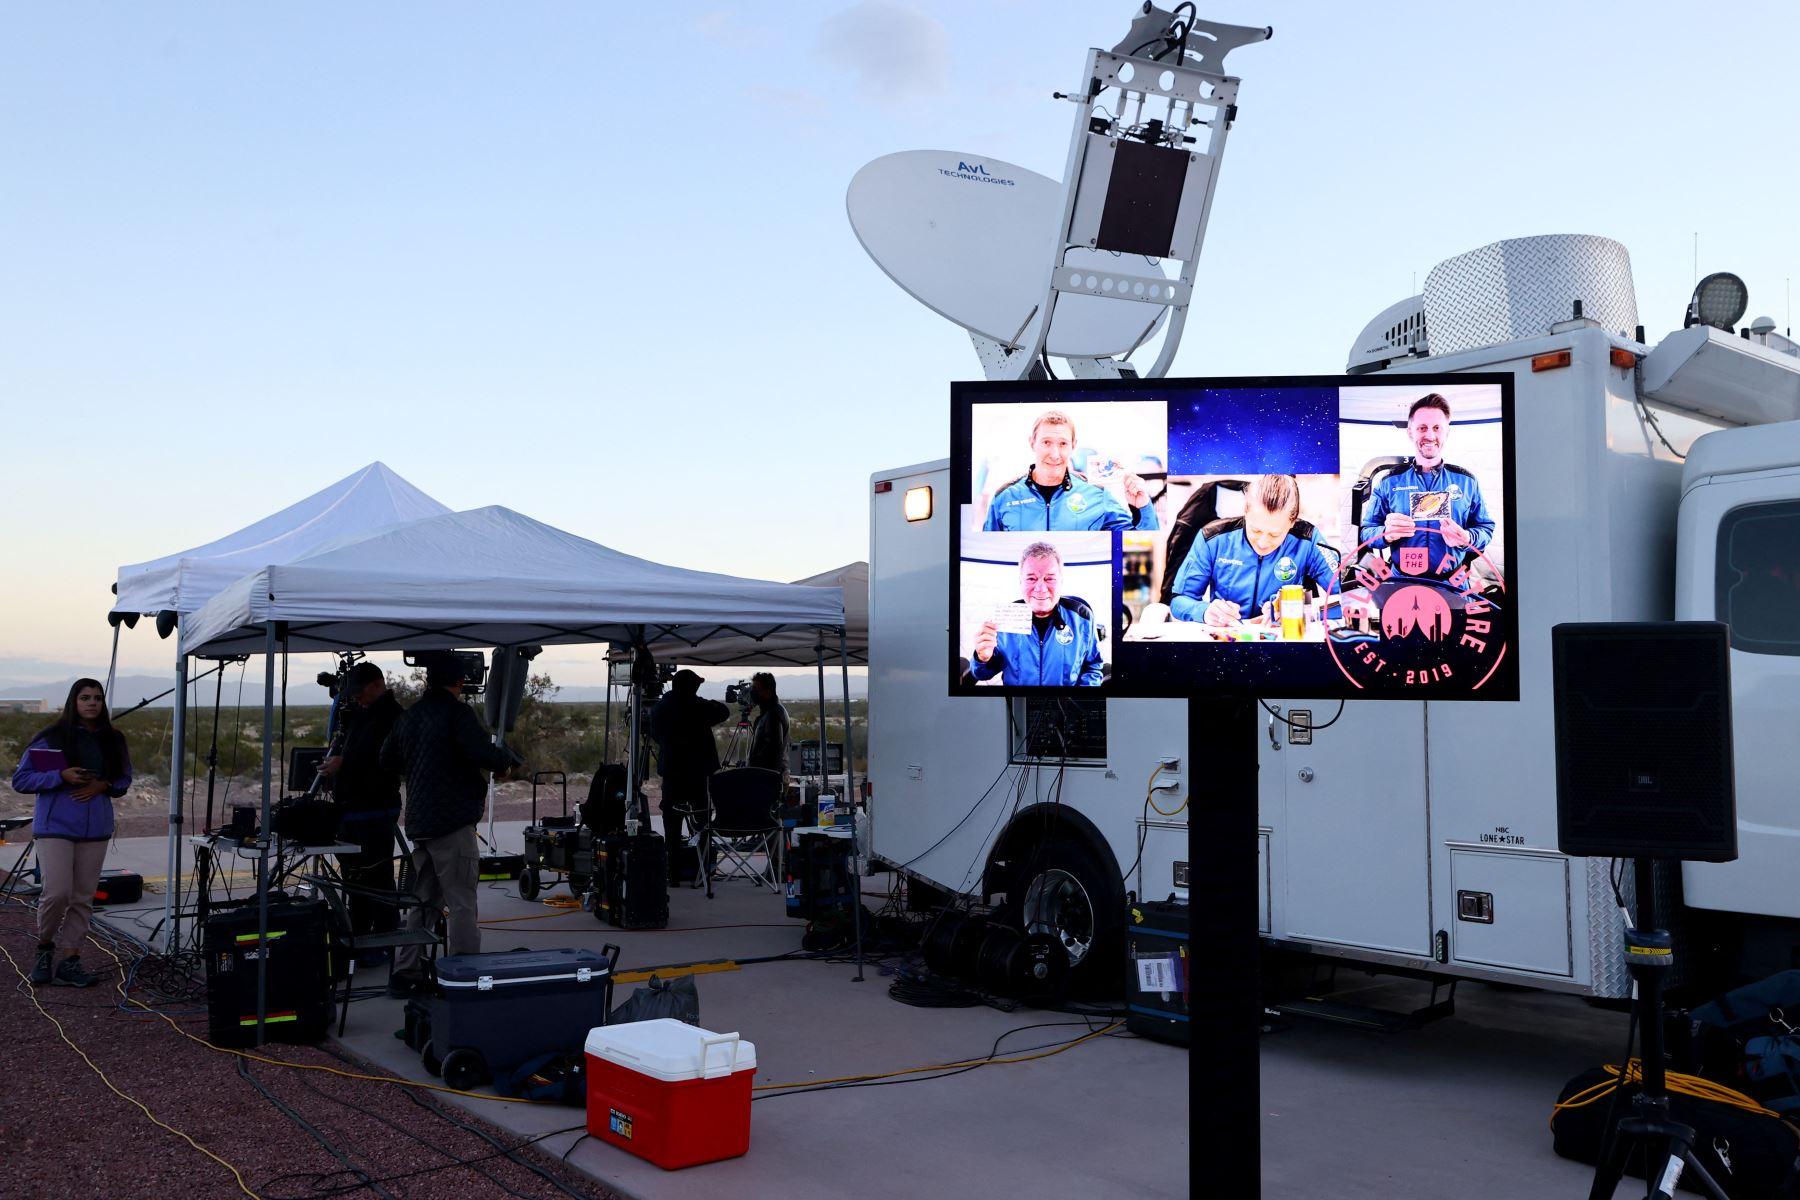 Miembros de los medios de comunicación se reúnen antes de que el New Shepard de Blue Origin despegue de la plataforma de lanzamiento con el actor de 90 años de Star Trek William Shatner y otros tres civiles. Foto: AFP